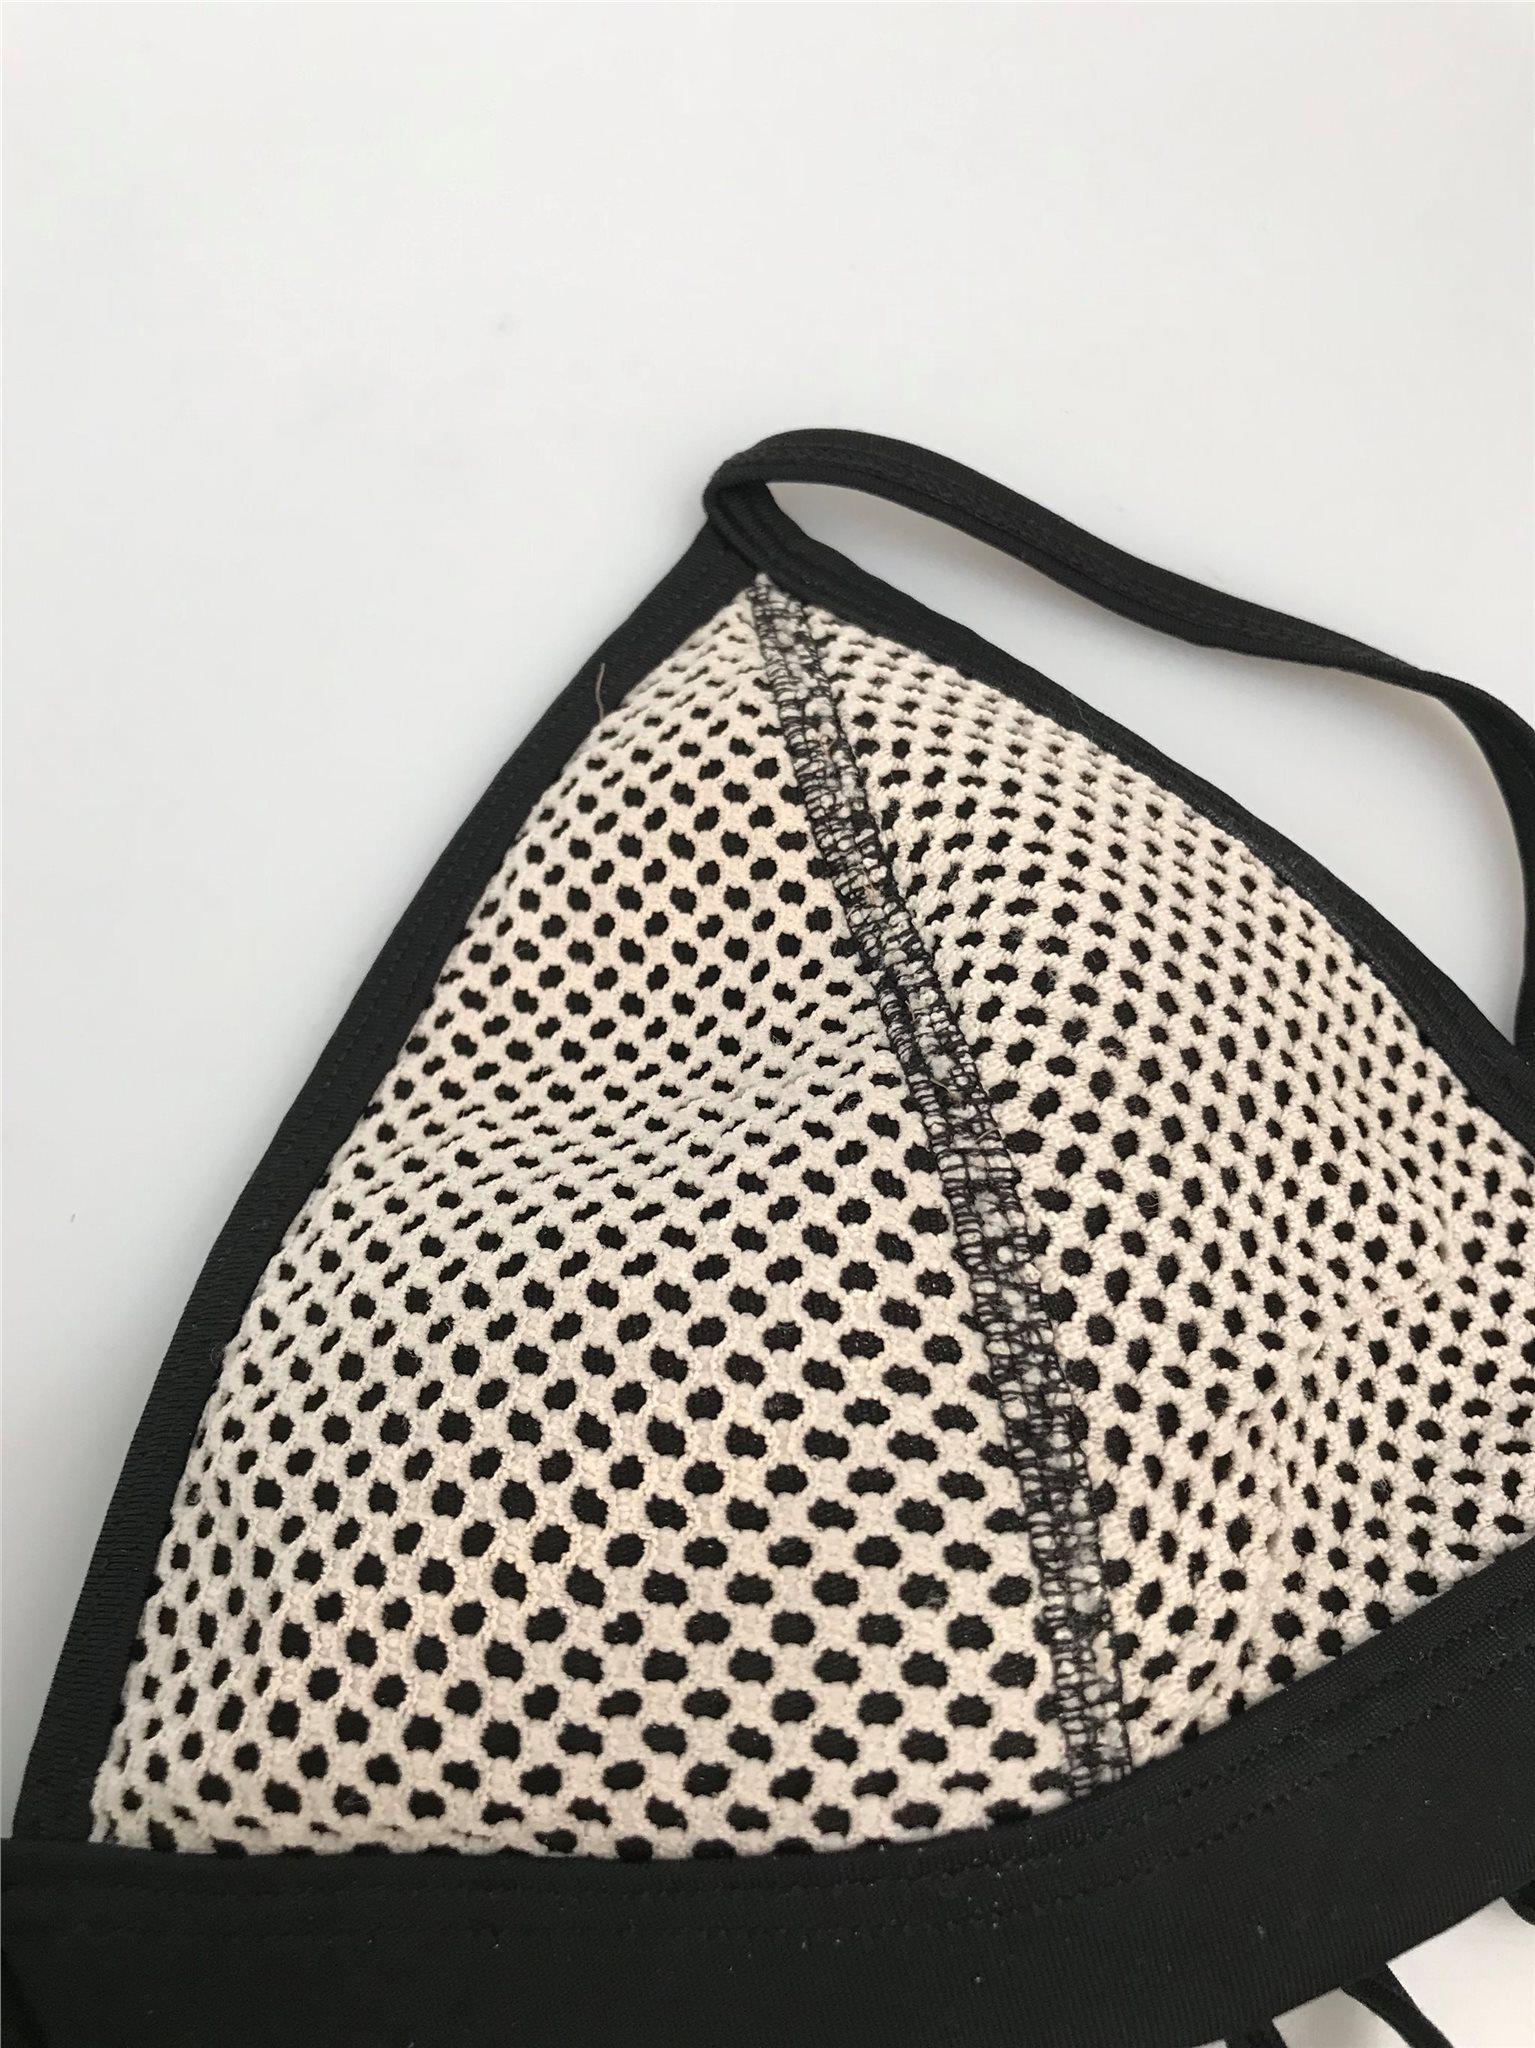 Triangl Bikini helt ny ny ny - Medium - Överdel+underdel 55adee